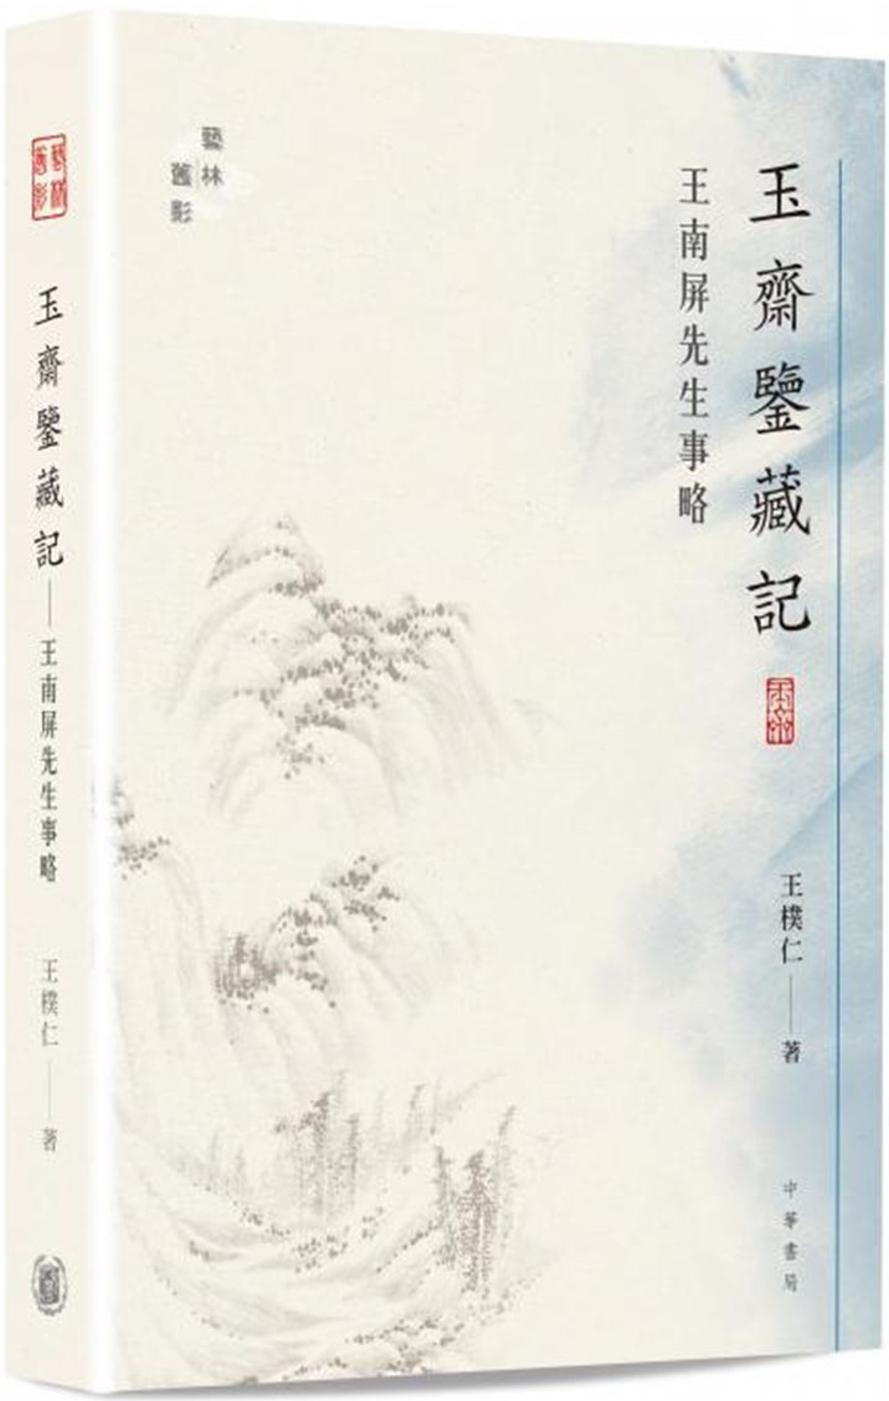 玉齋鑒藏記:王南屏先生事略